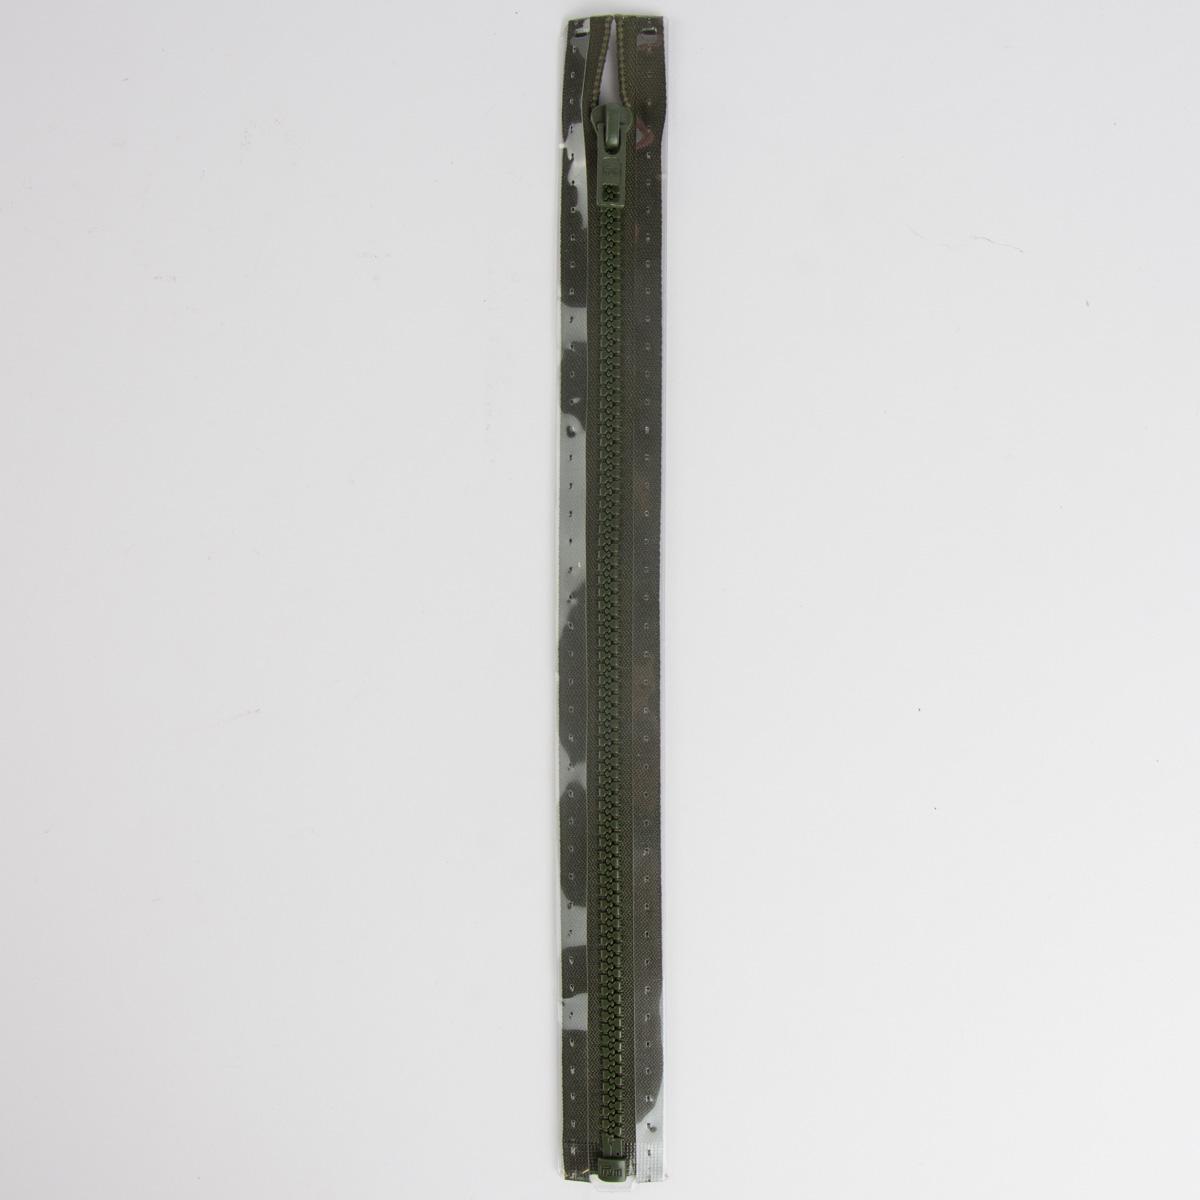 Reißverschluss S4 Profil tb 65 cm Fla br-oliv